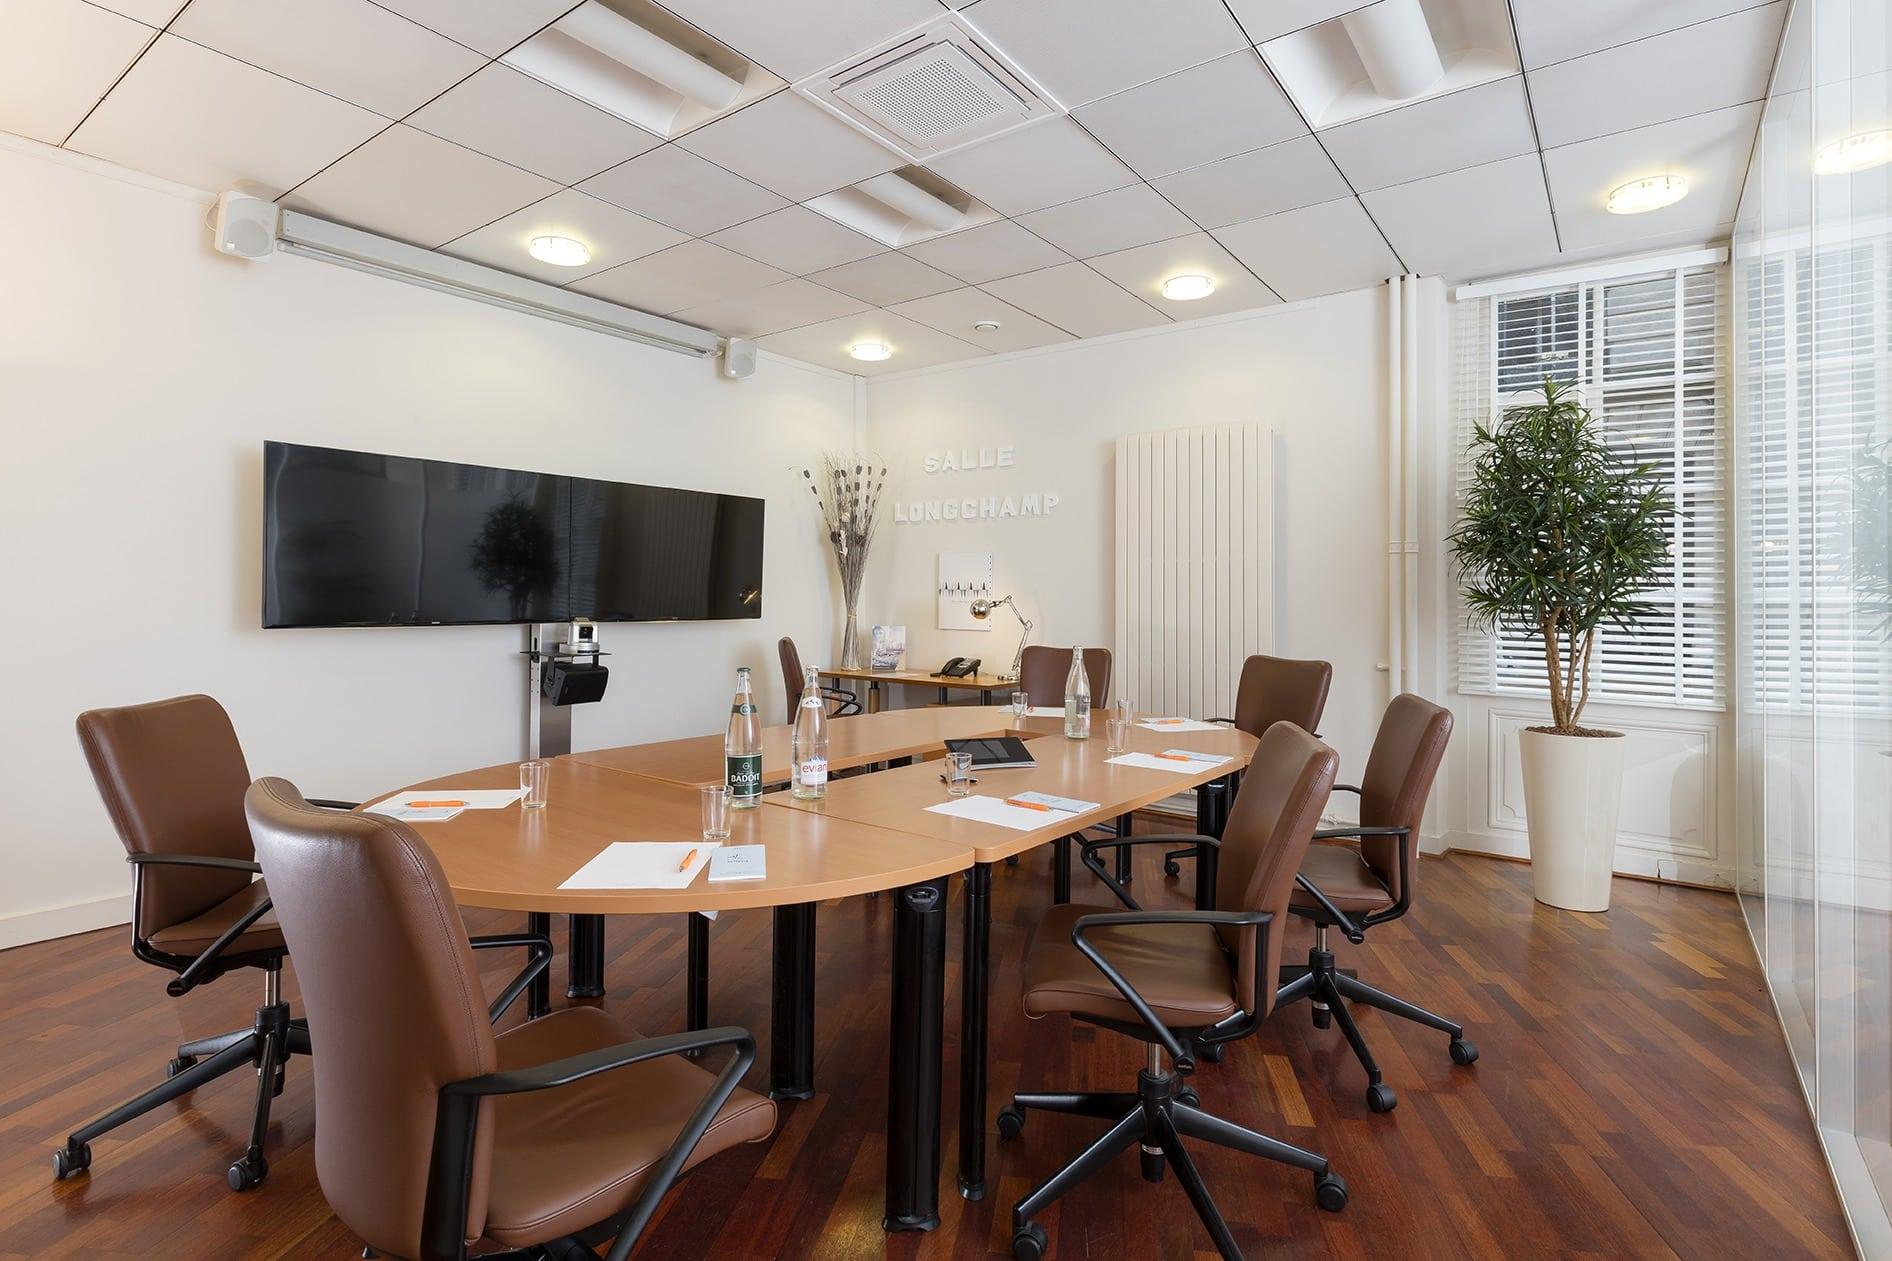 Location de salle de réunion à Marseille & Paris